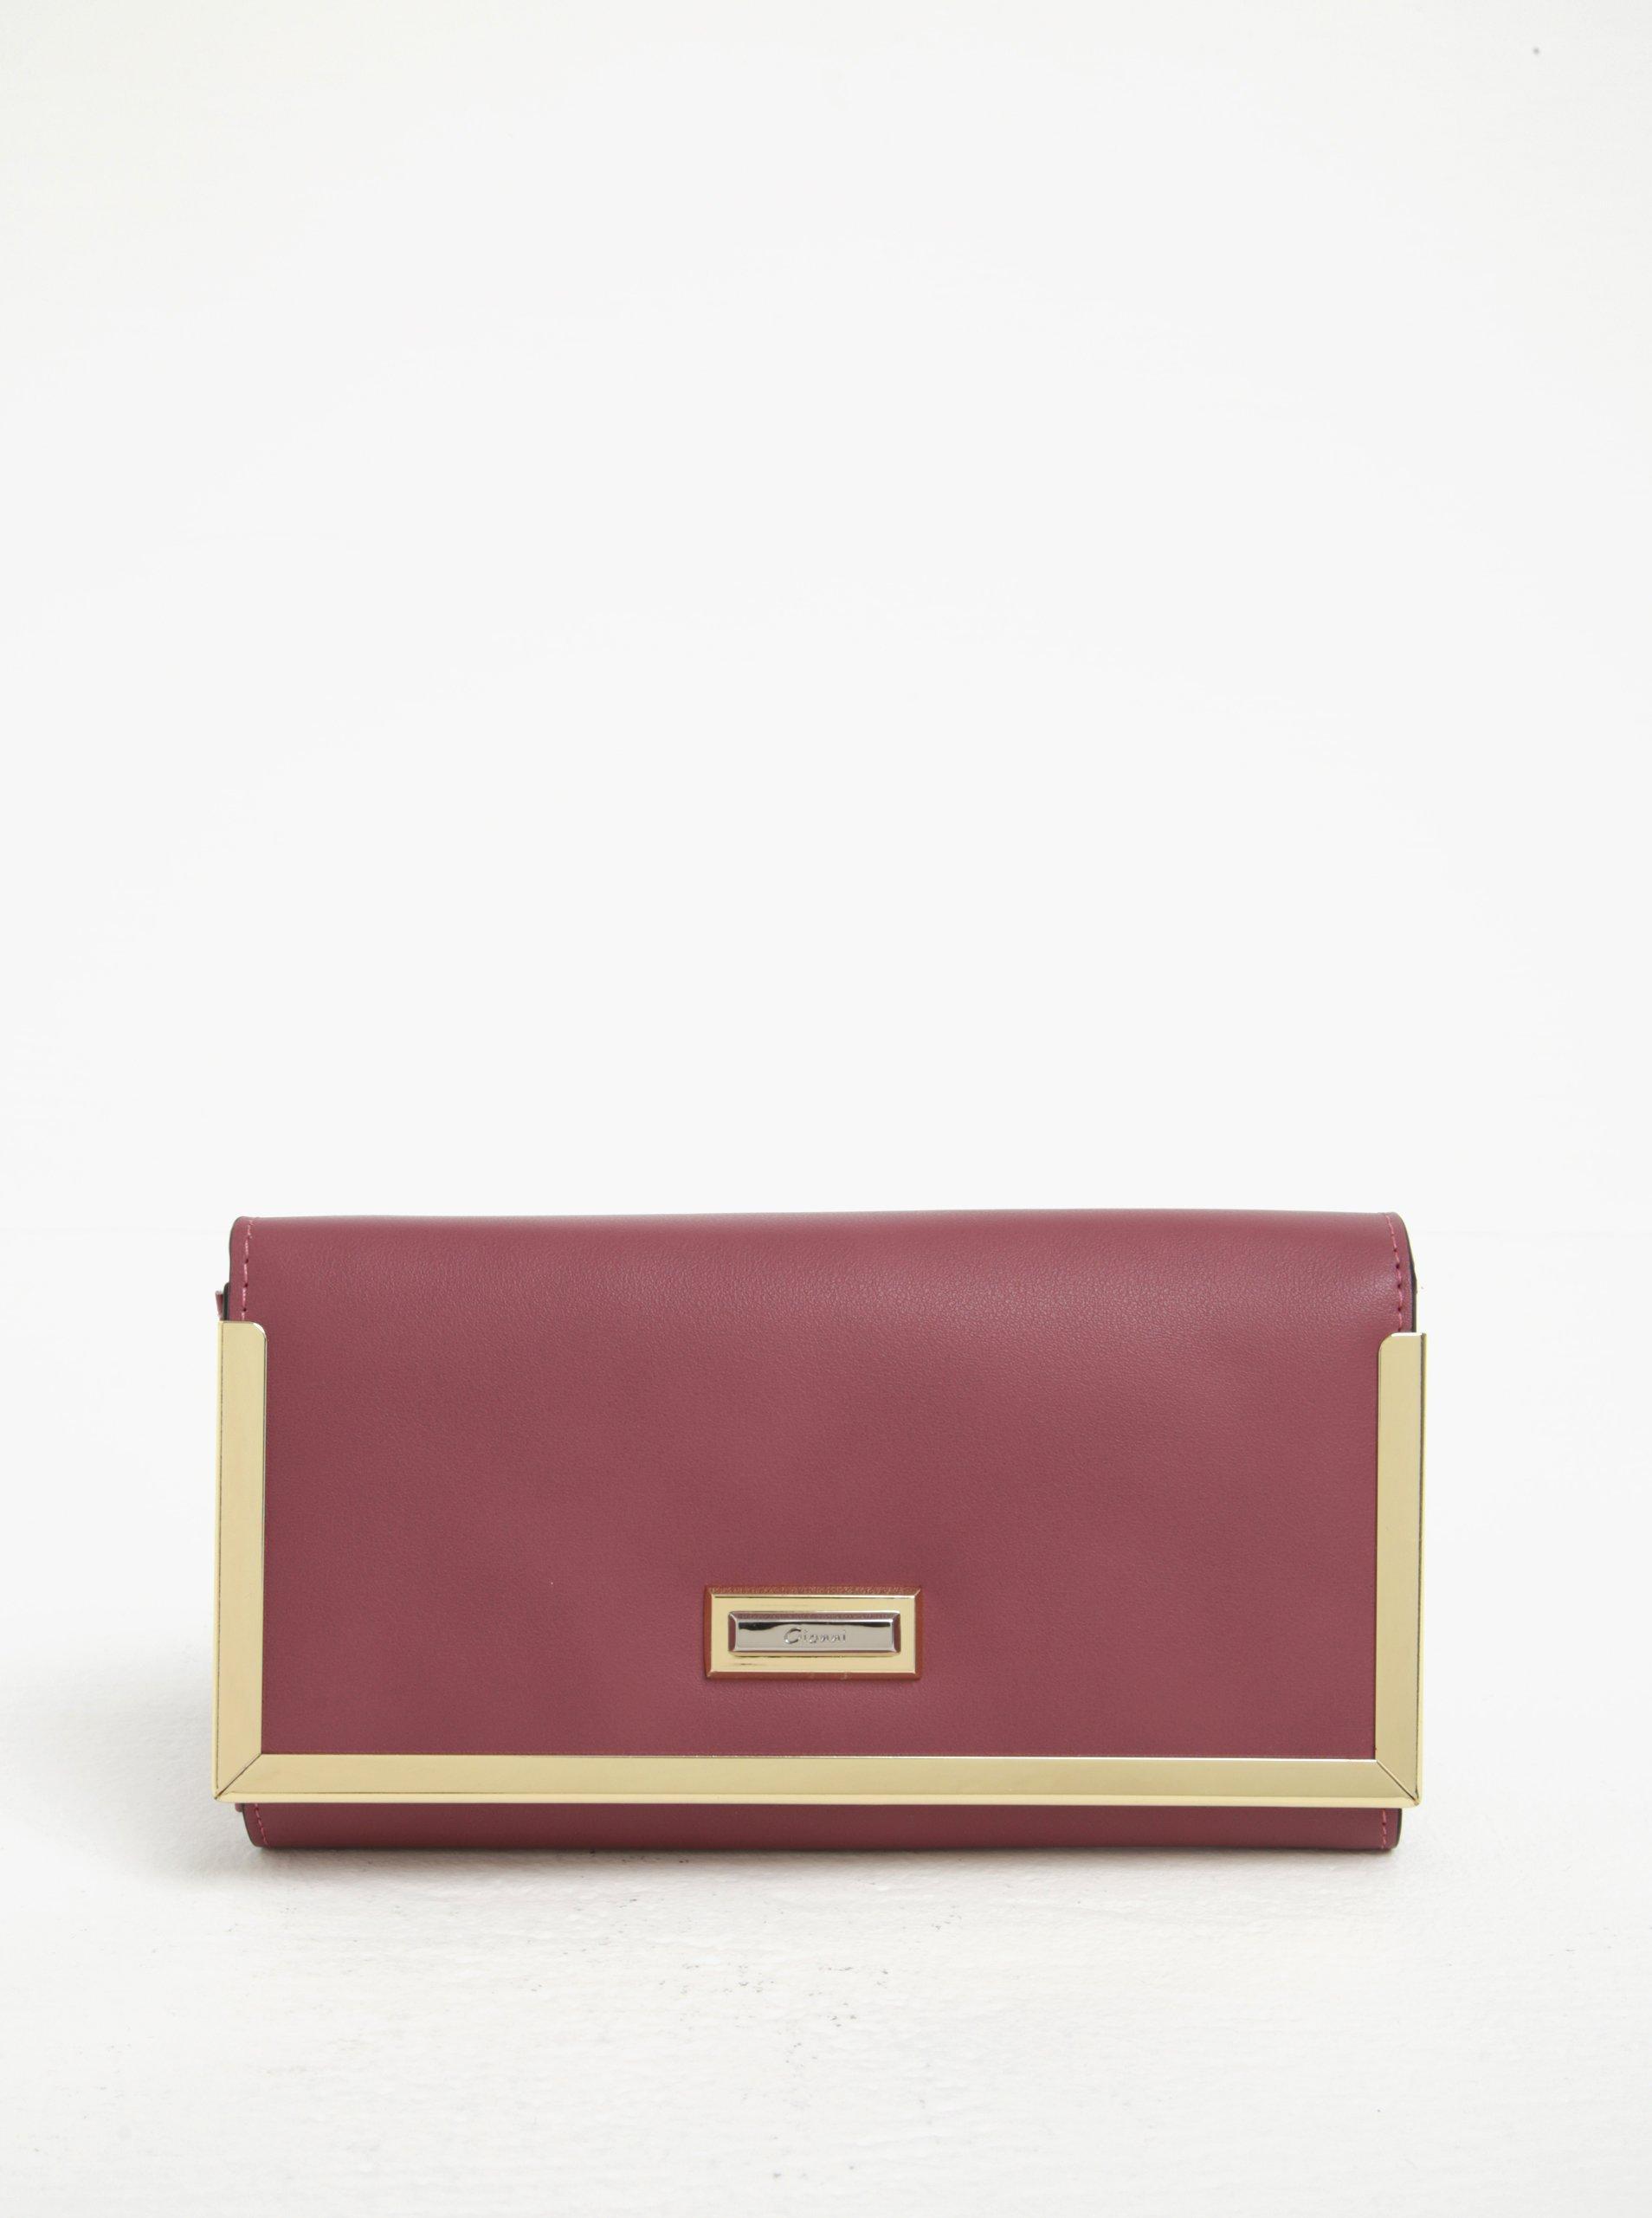 Růžová velká peněženka s detaily ve zlaté barvě Gionni Colette